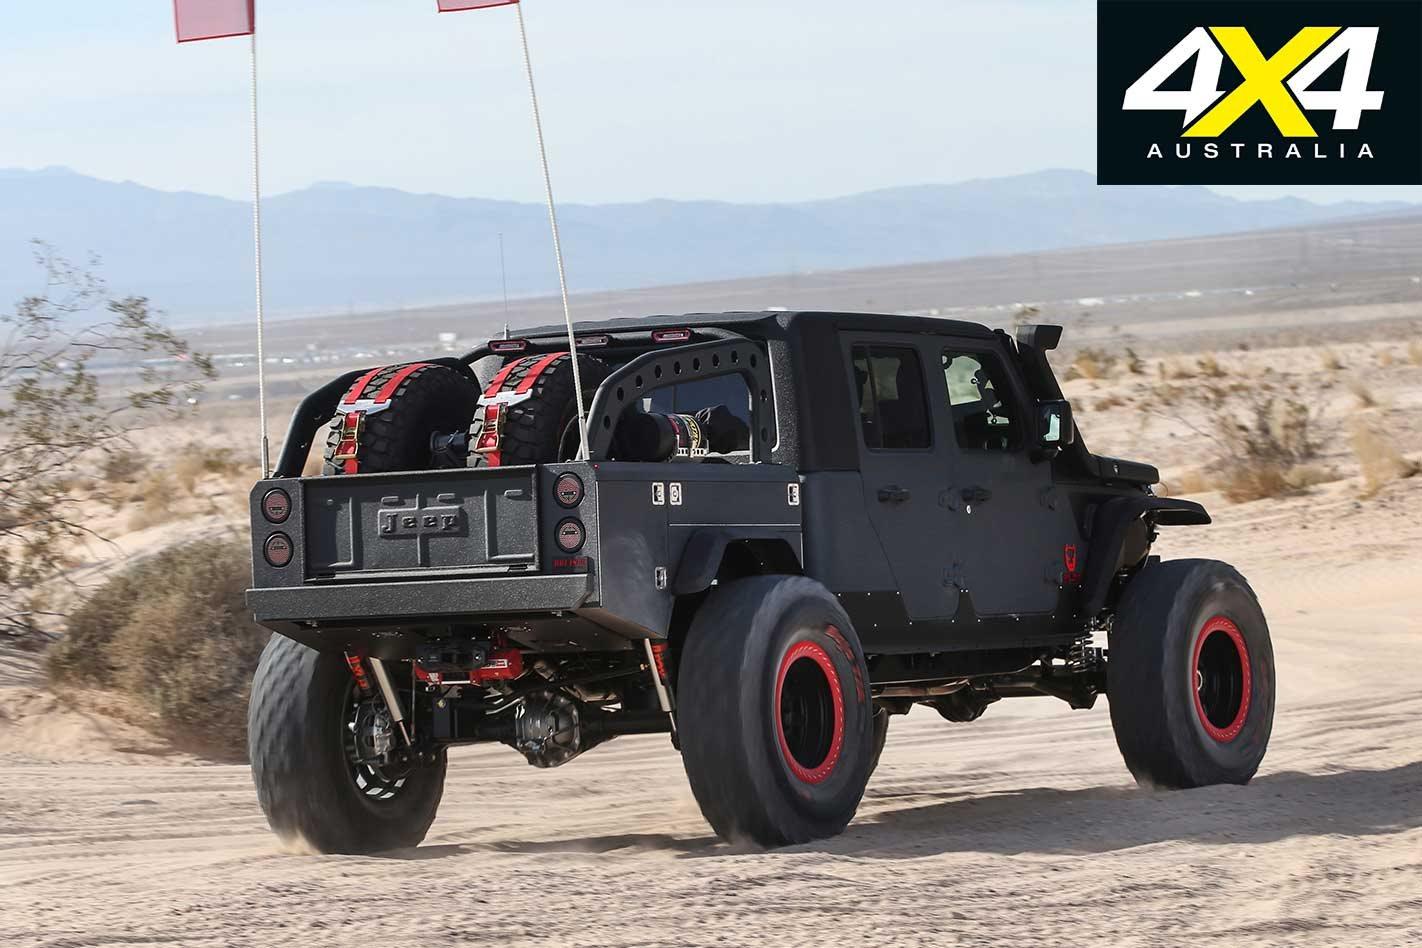 Custom Bruiser Conversions Jeep Jl Wrangler V8 Dual Cab Ute Review